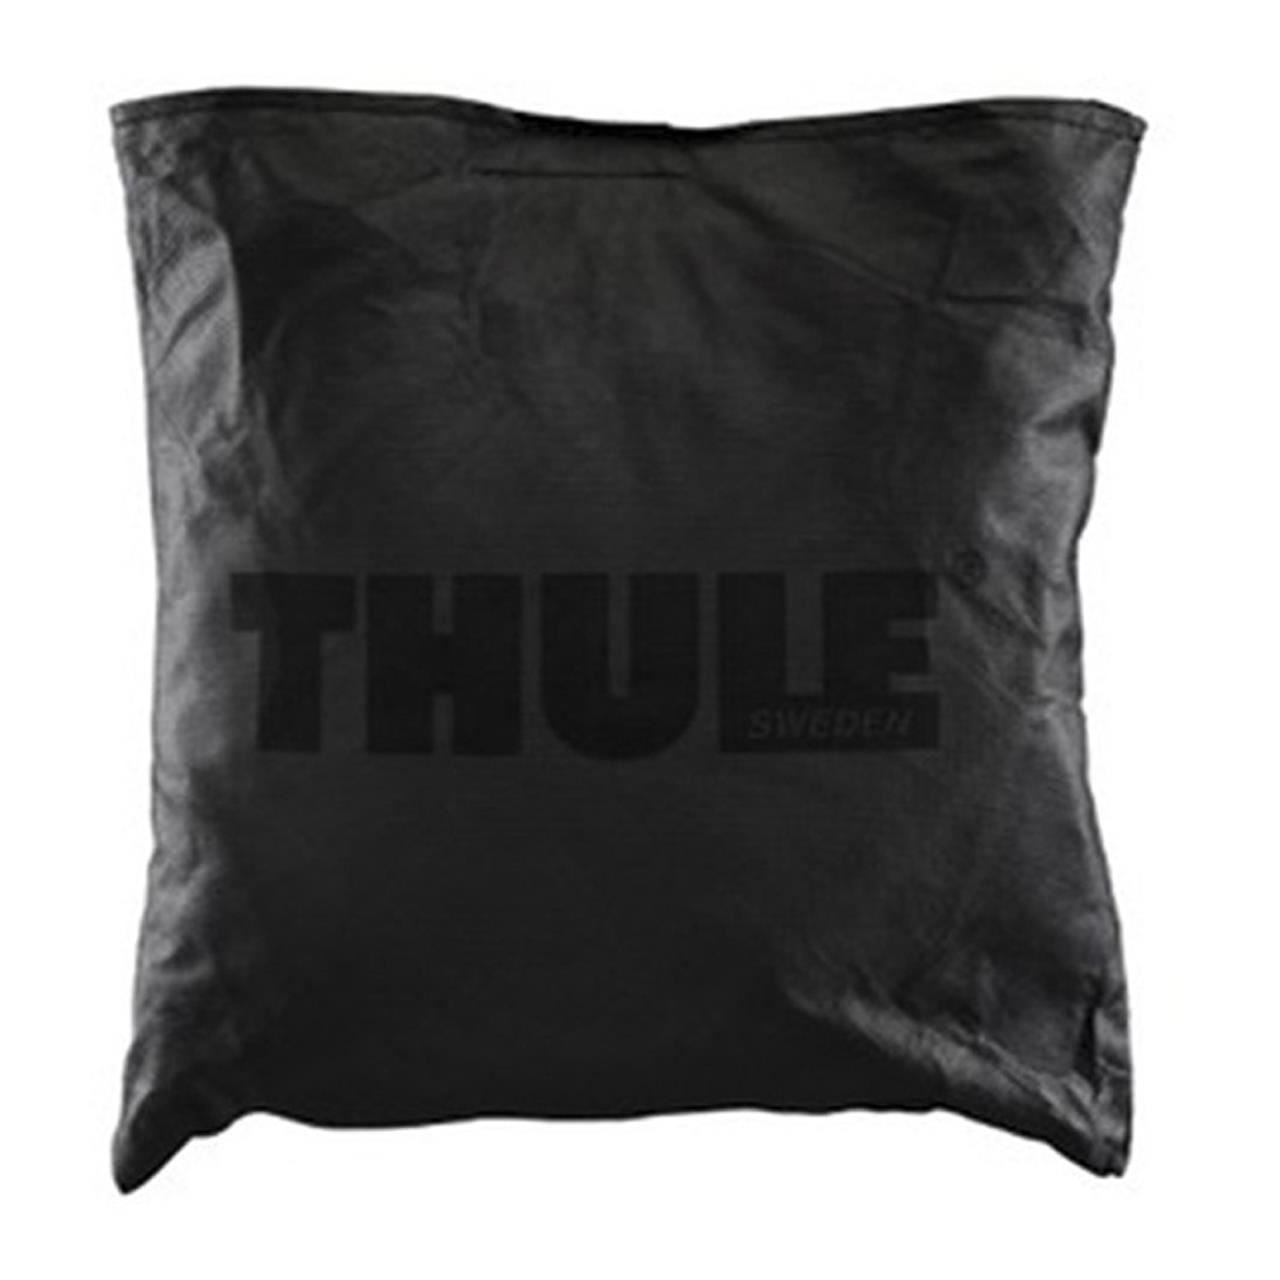 Husa de protectie pentru cutiile portbagaj Thule Box Lid Cover 6981 2